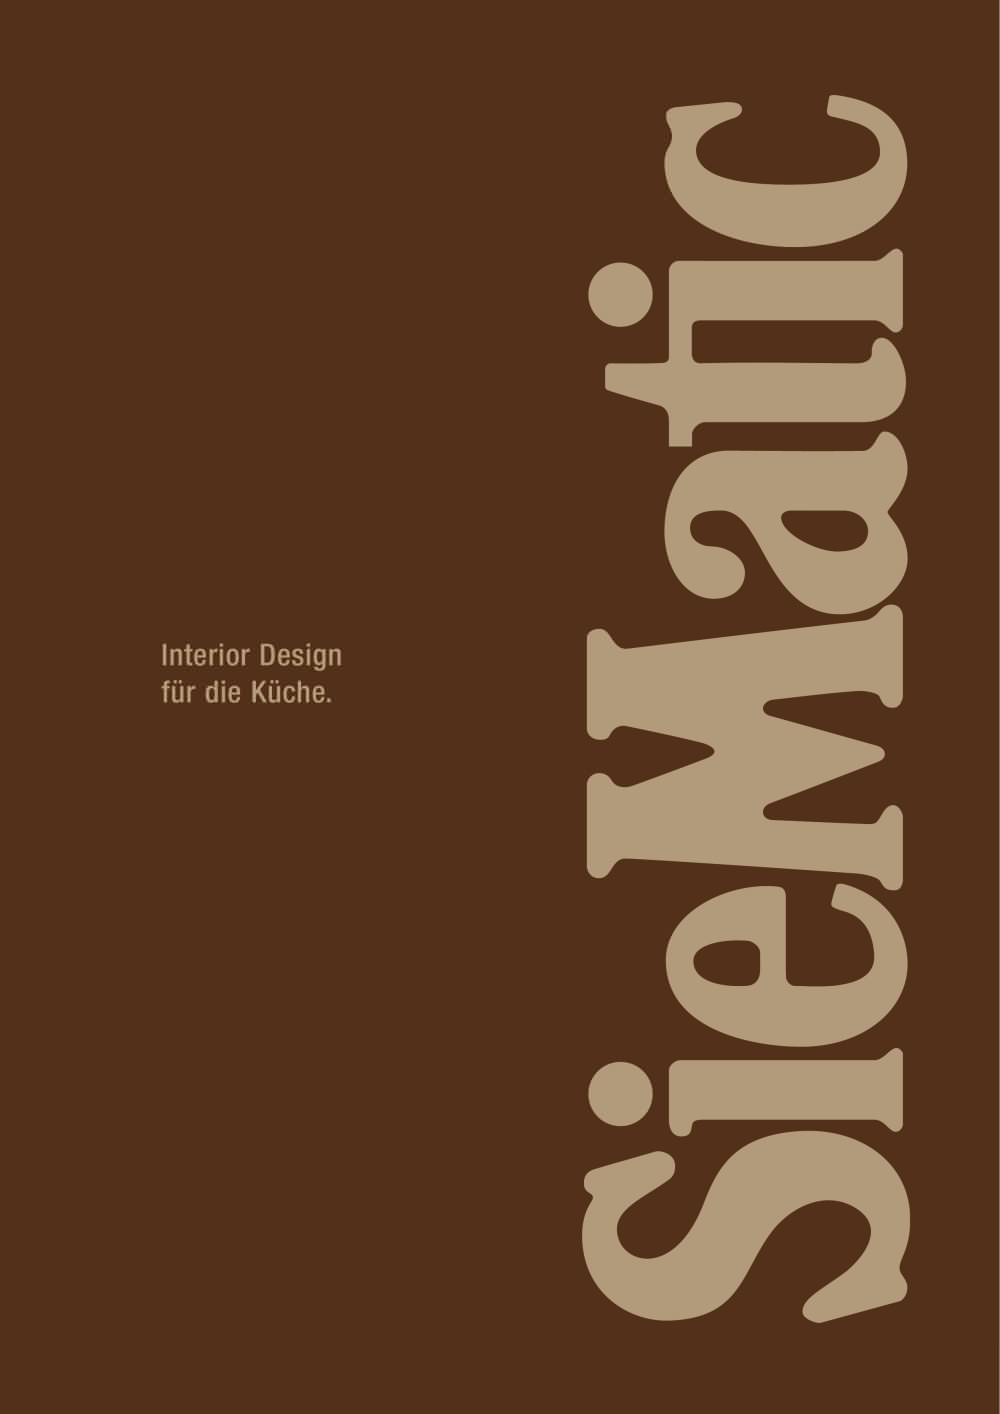 interior design für die küche - siematic - pdf katalog ... - Küche Beschreibung